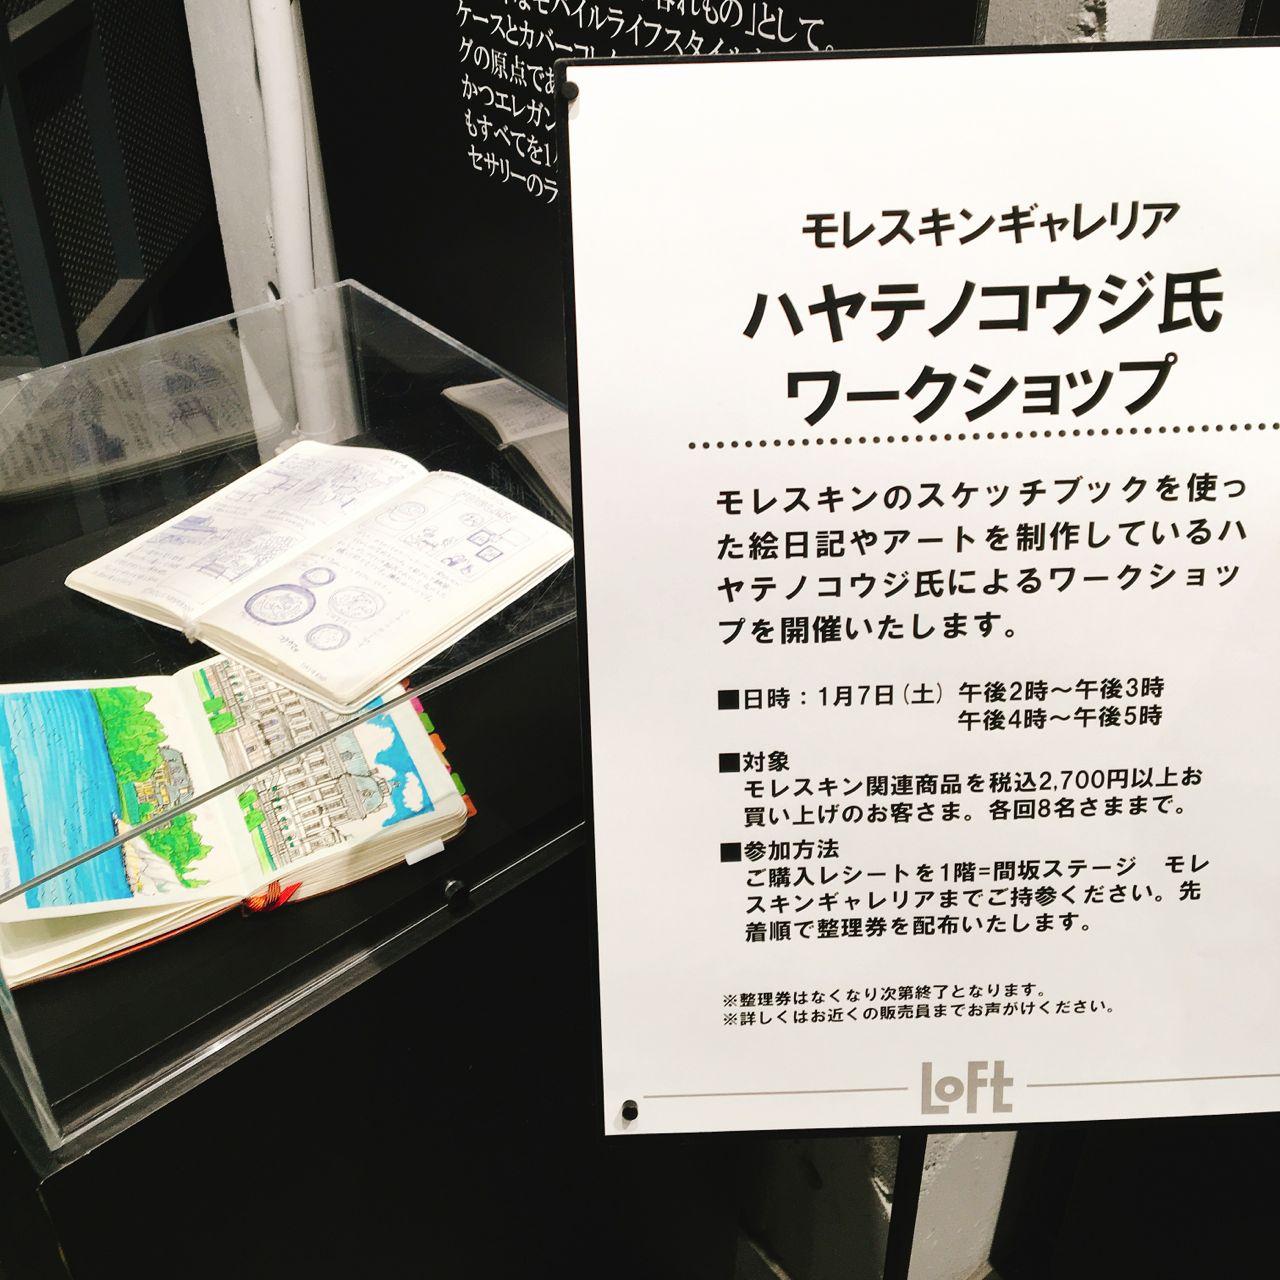 渋谷ロフト「モレスキン ギャレリア」イベント